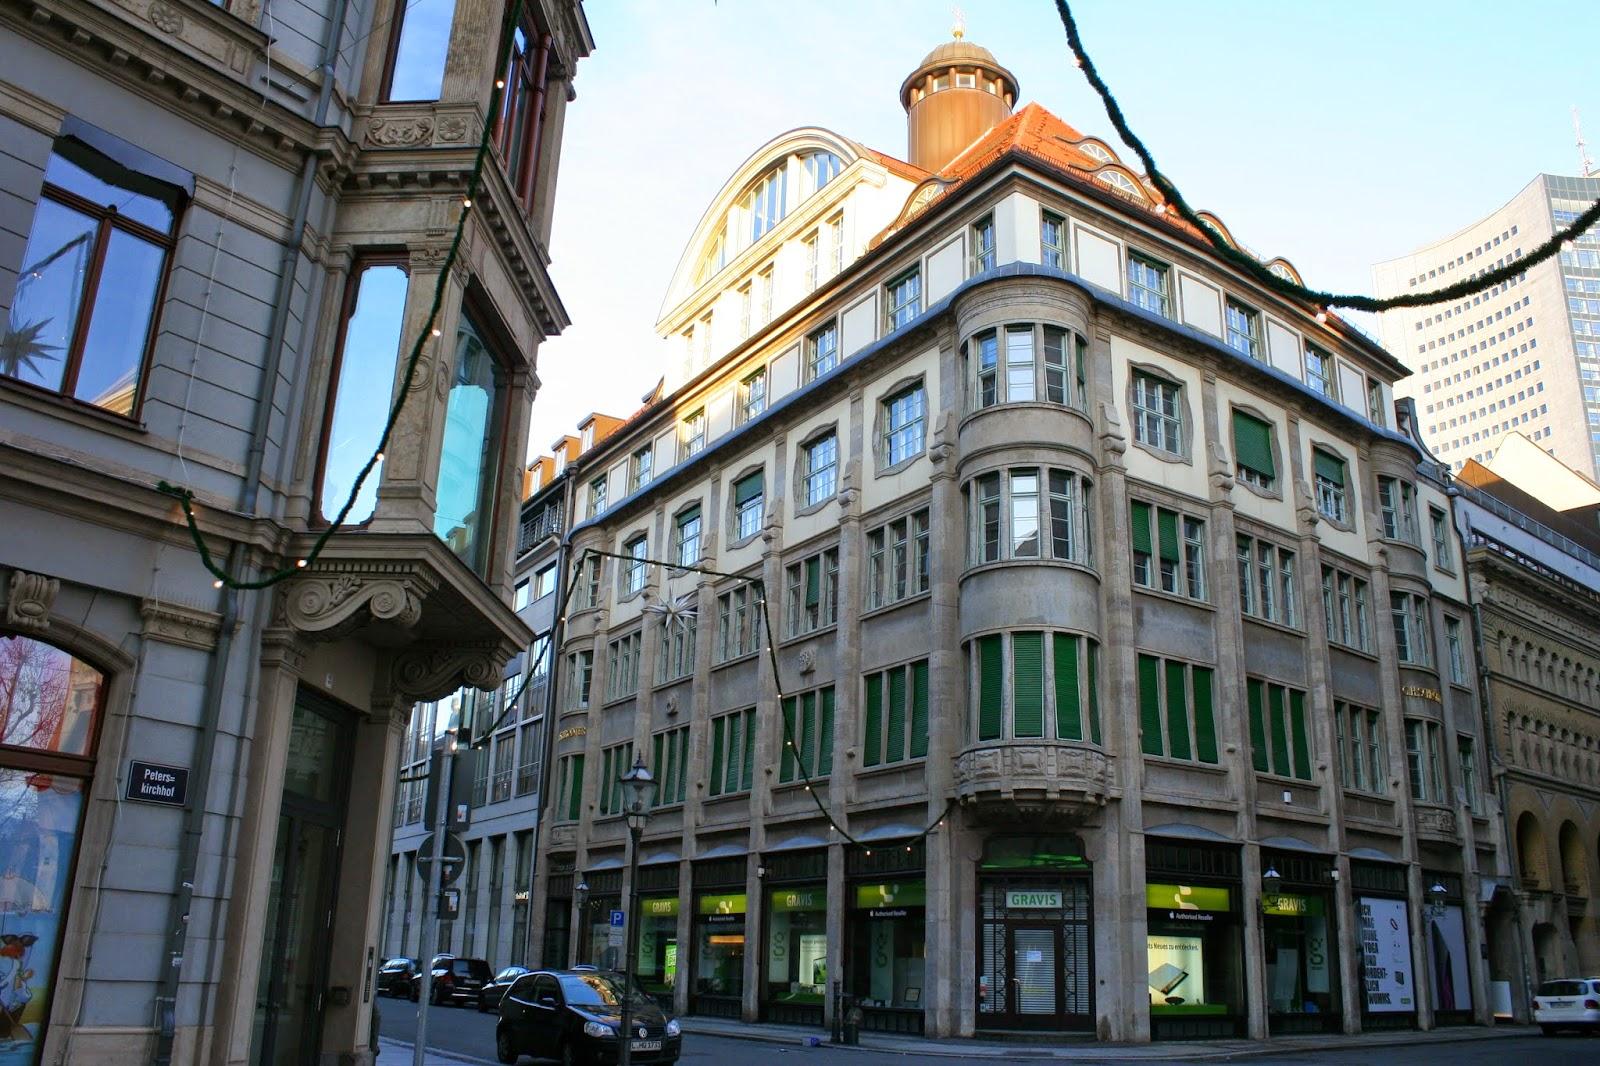 Das Schrödterhaus befindet sich am Neumarkt in der Innenstadt und wurde 1912/13 erbaut - der Kaufmann G.H. Schrödter (Inhaber eines Möbel- und Damastgeschäftes) ließ das Gebäude erbauen